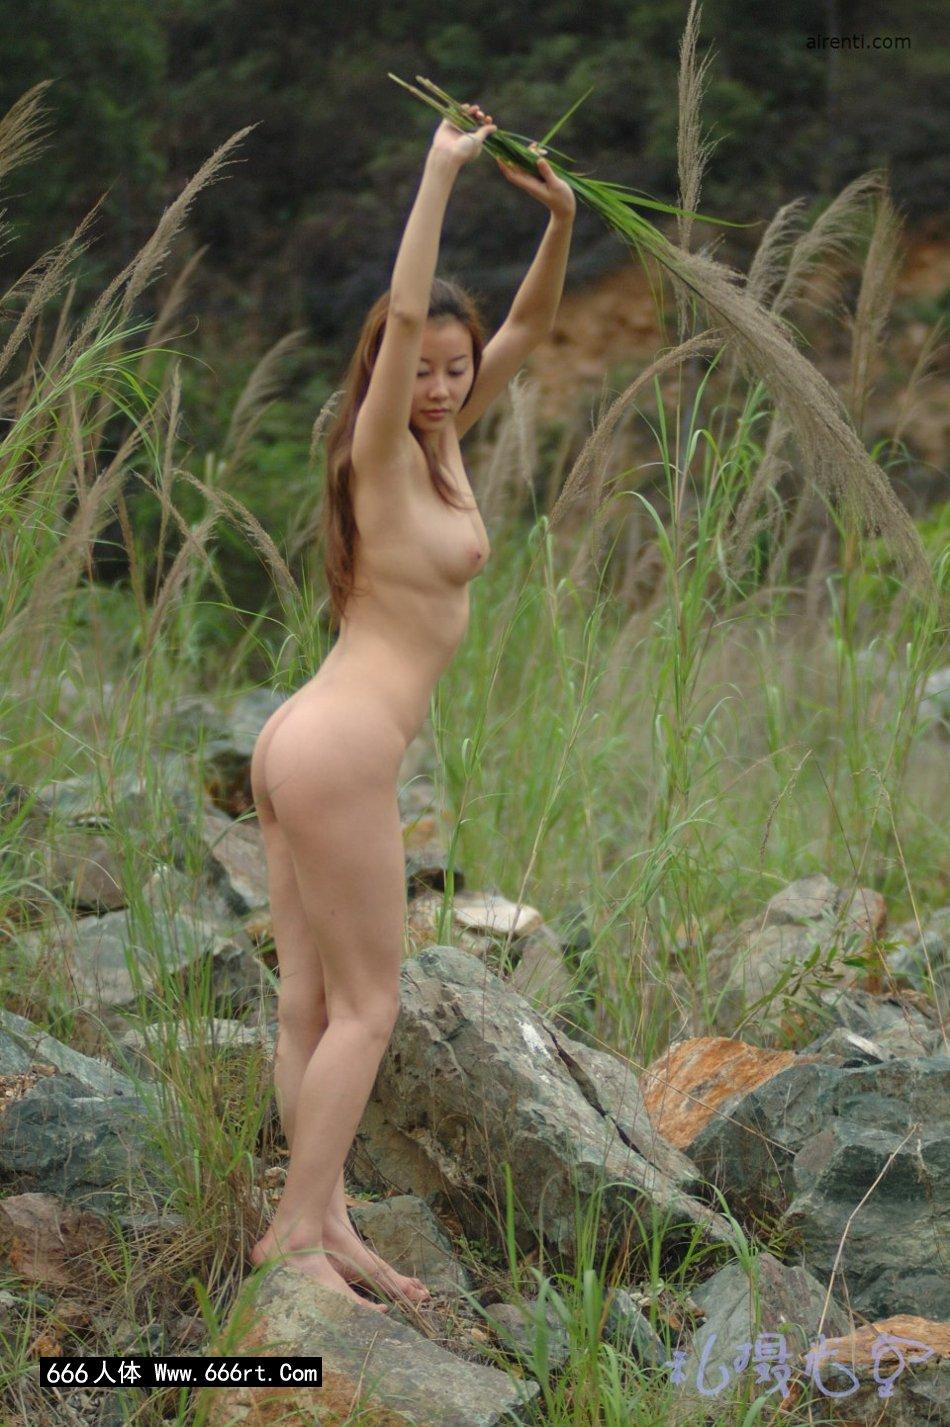 皮肤白身材好的王丹芦苇丛中外拍